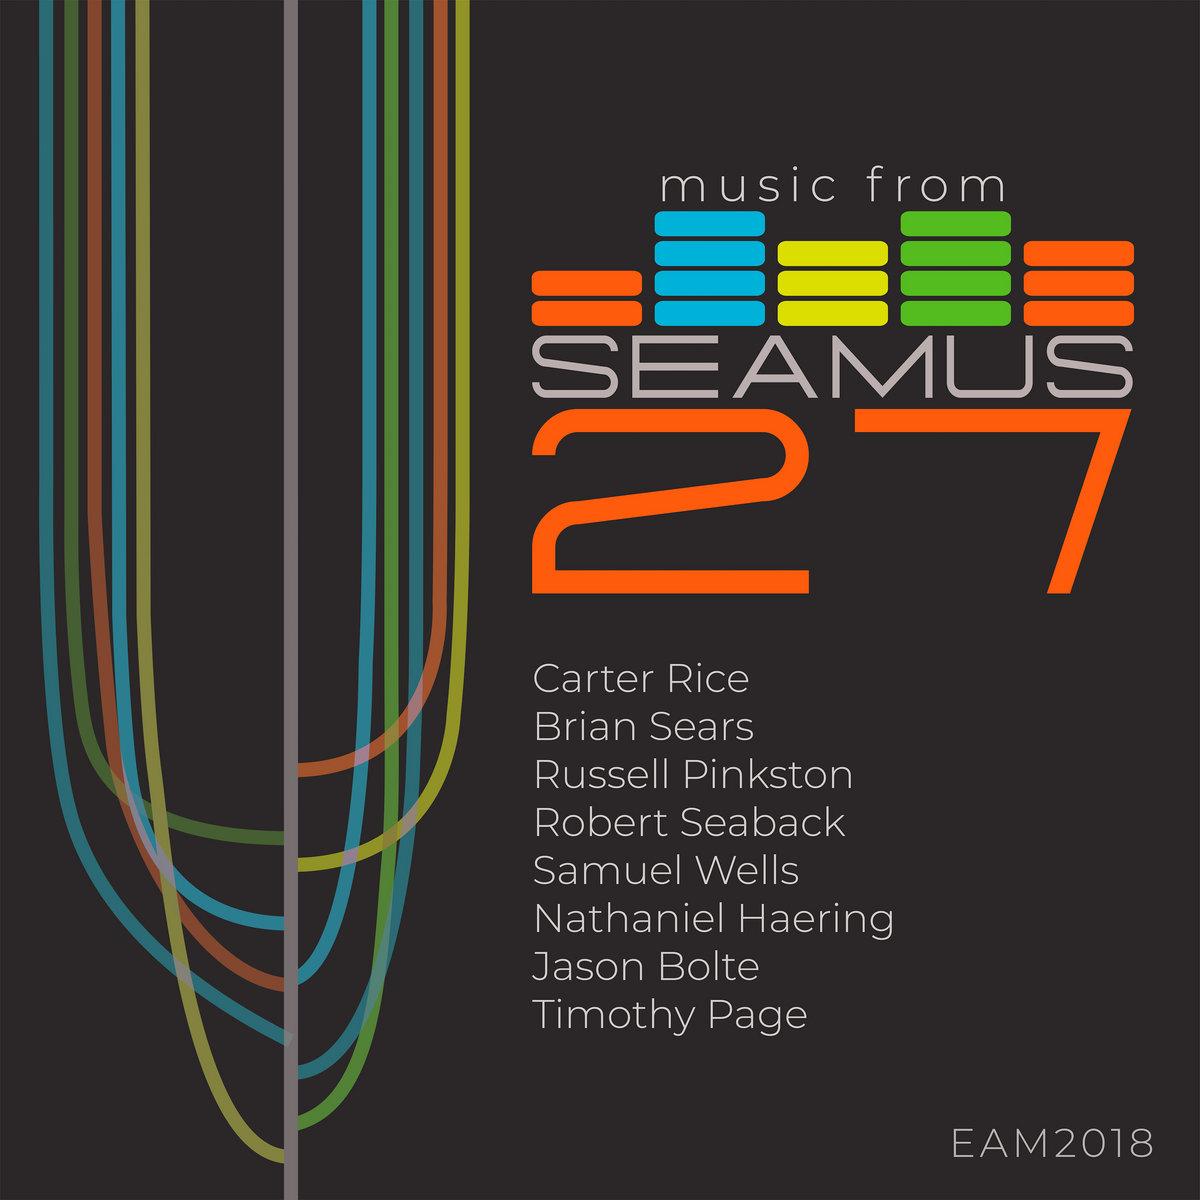 Music from SEAMUS Volume 27 | New Focus Recordings